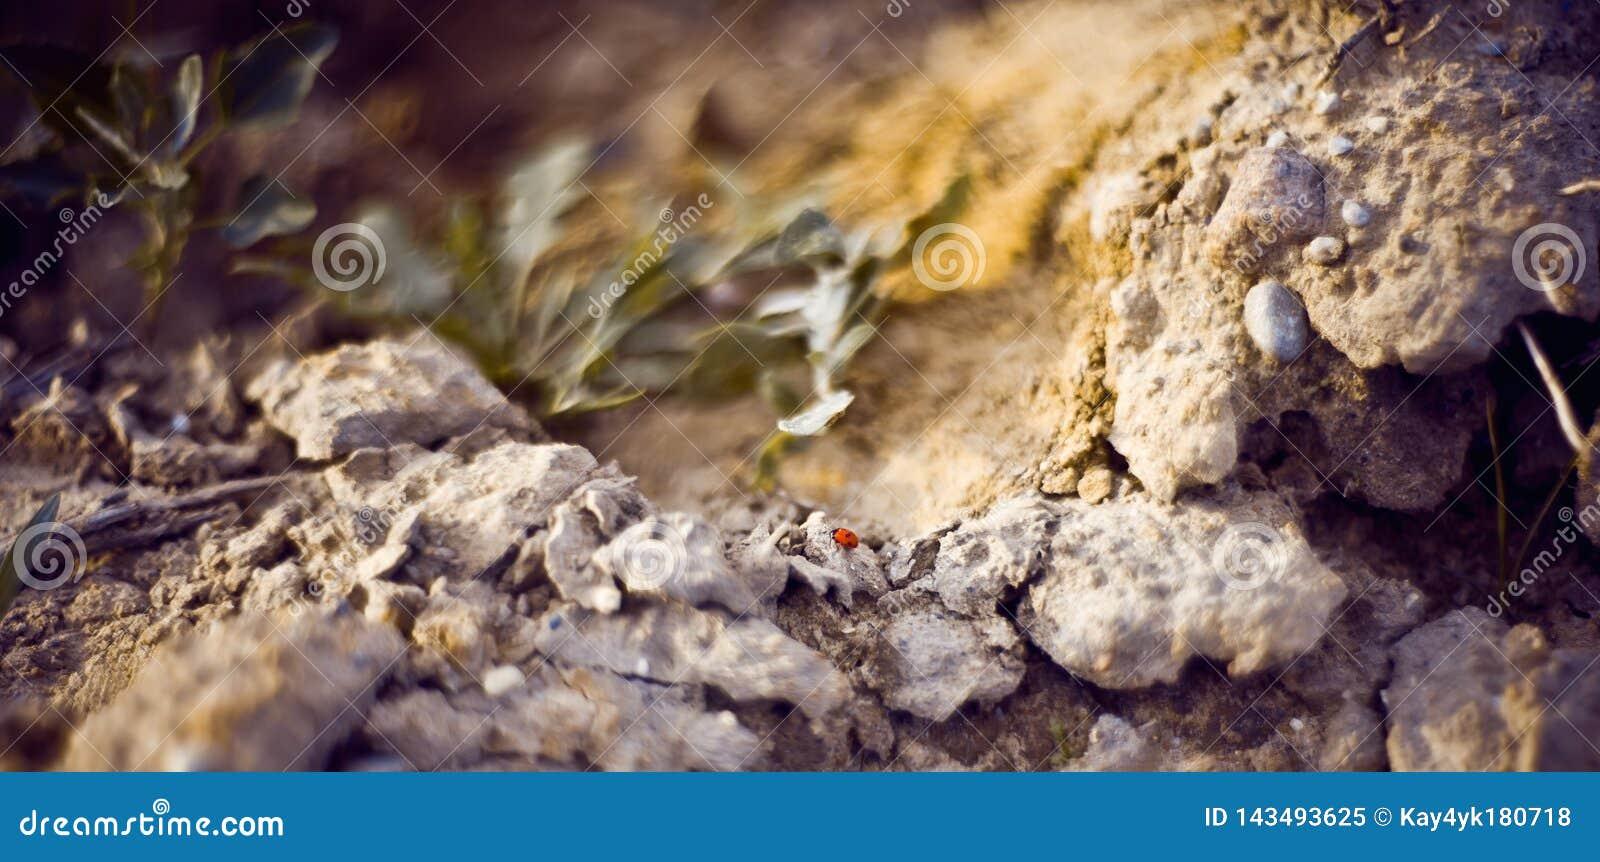 Fim bonito acima da joaninha do sete-ponto em uma mão humana, no septempunctata de Coccinella limpando seus pés e comer estes ins